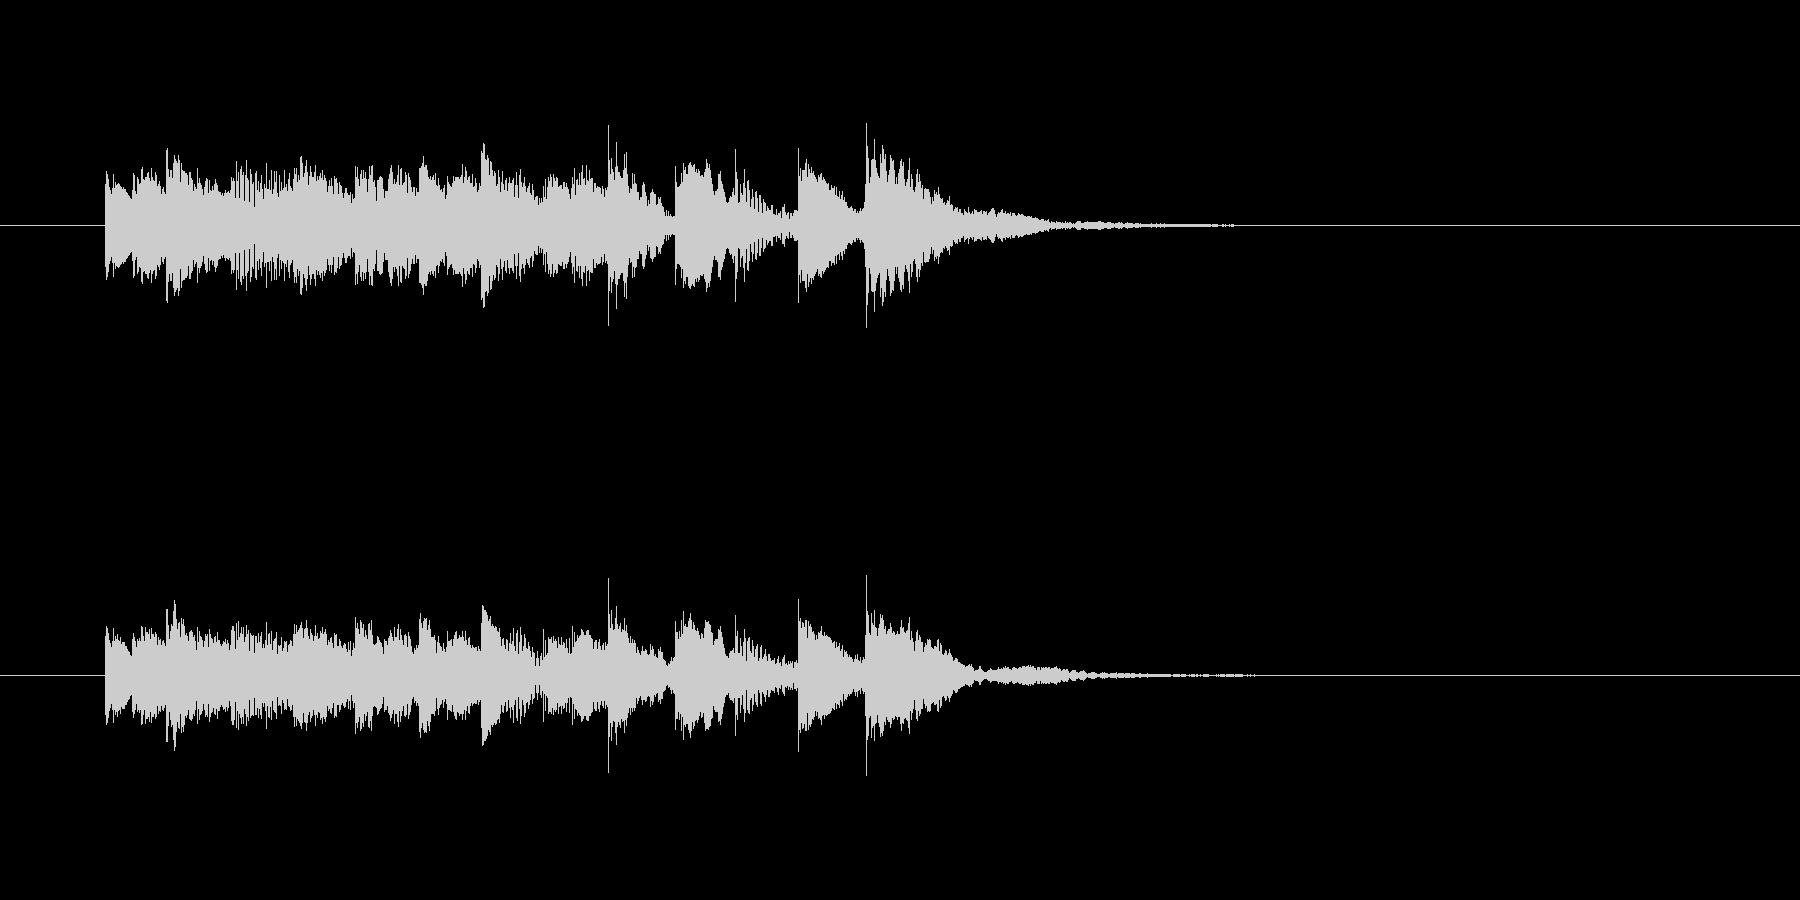 ピロピロピロリンリン(透明感、打楽器)の未再生の波形